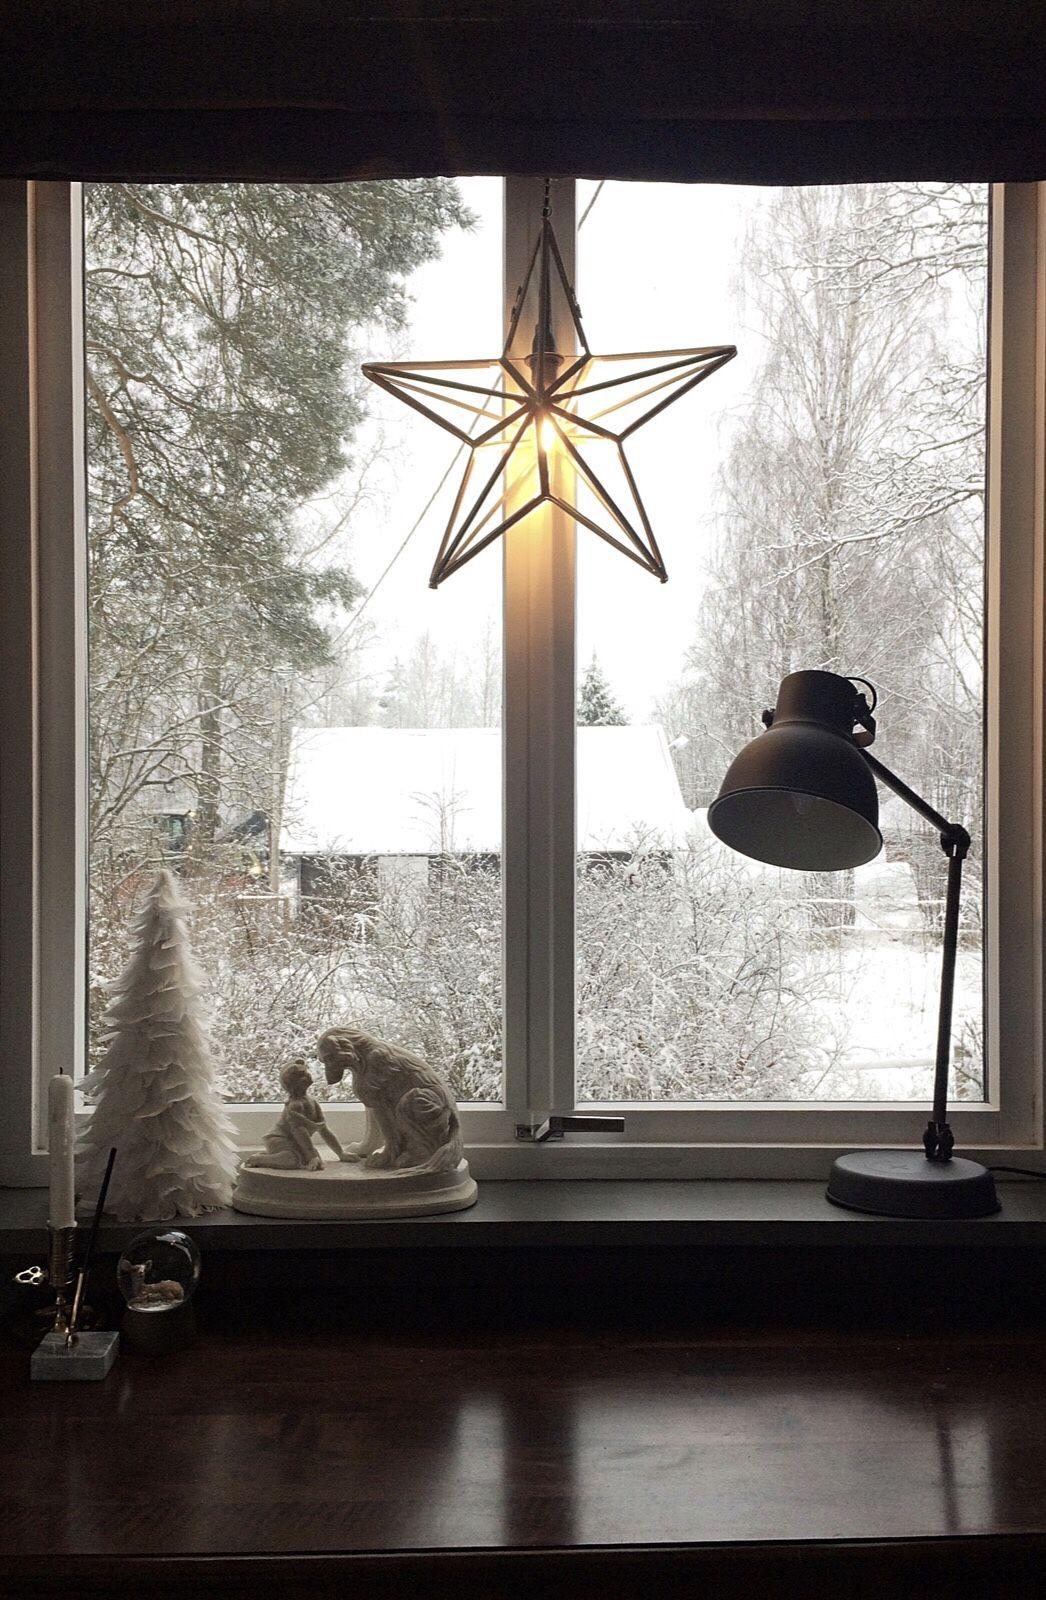 Modish Landlig interiør, vindu, julestjerne, adventsstjerne, snø, jul DU-31